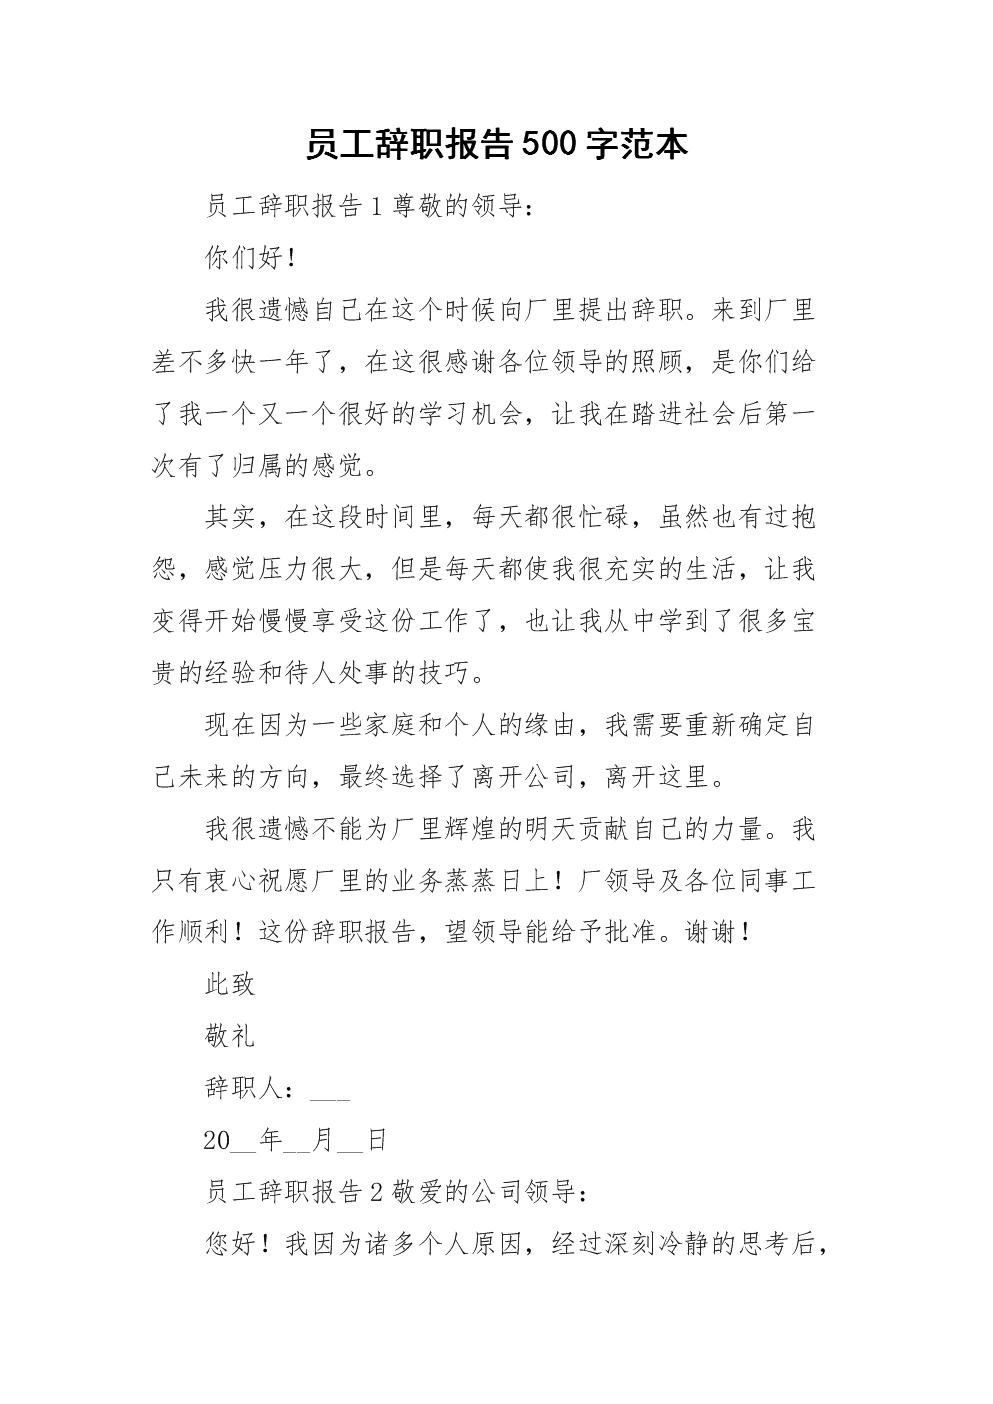 员工辞职报告500字范本.doc